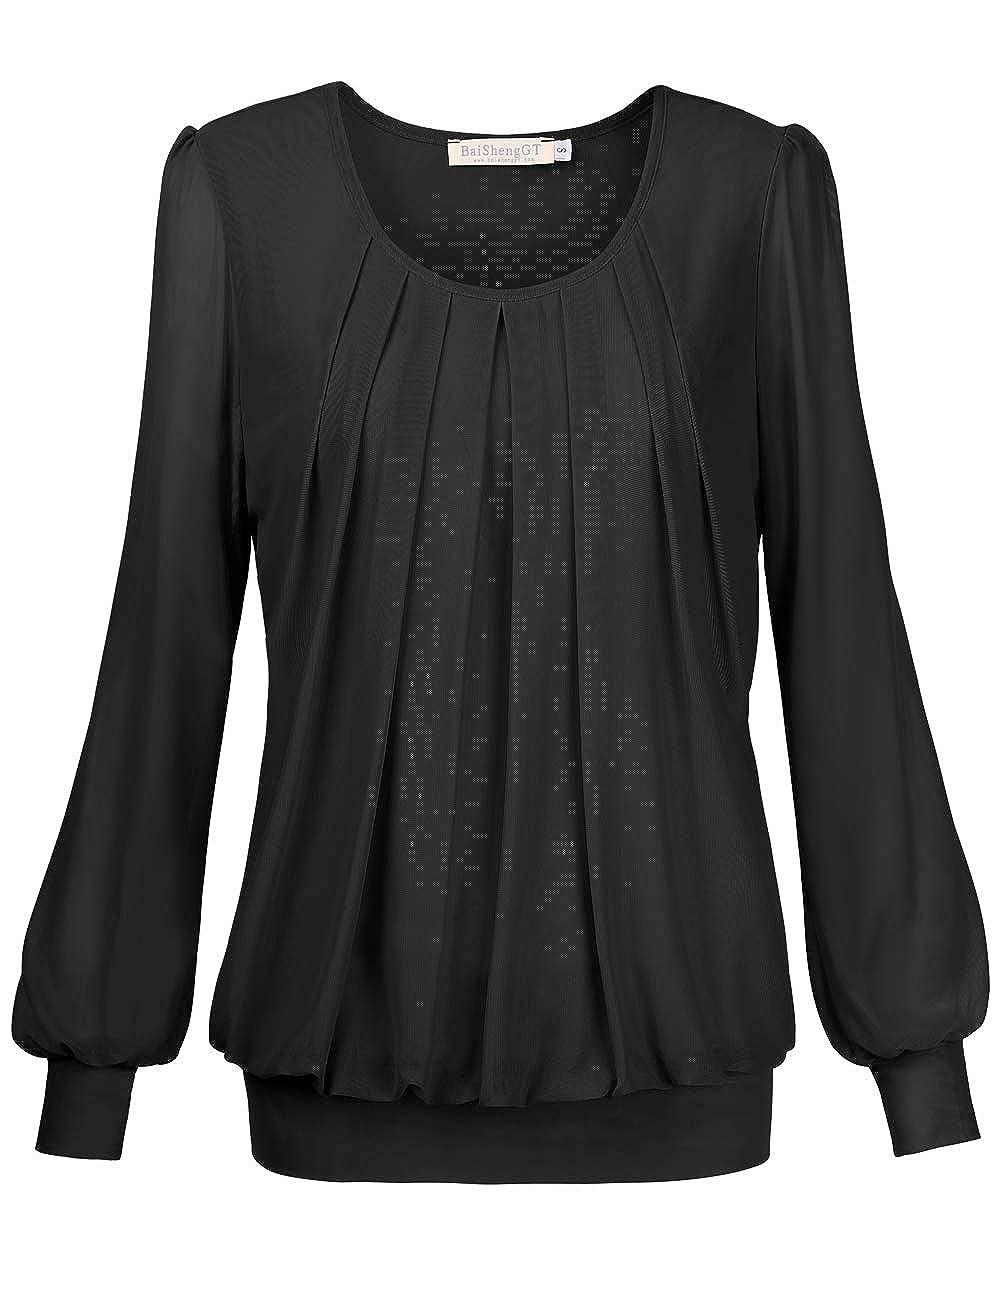 BAISHENGGT - Blusa para Mujer con Cuello Redondo y Manga Larga, Plisada en la Parte Delantera de Malla